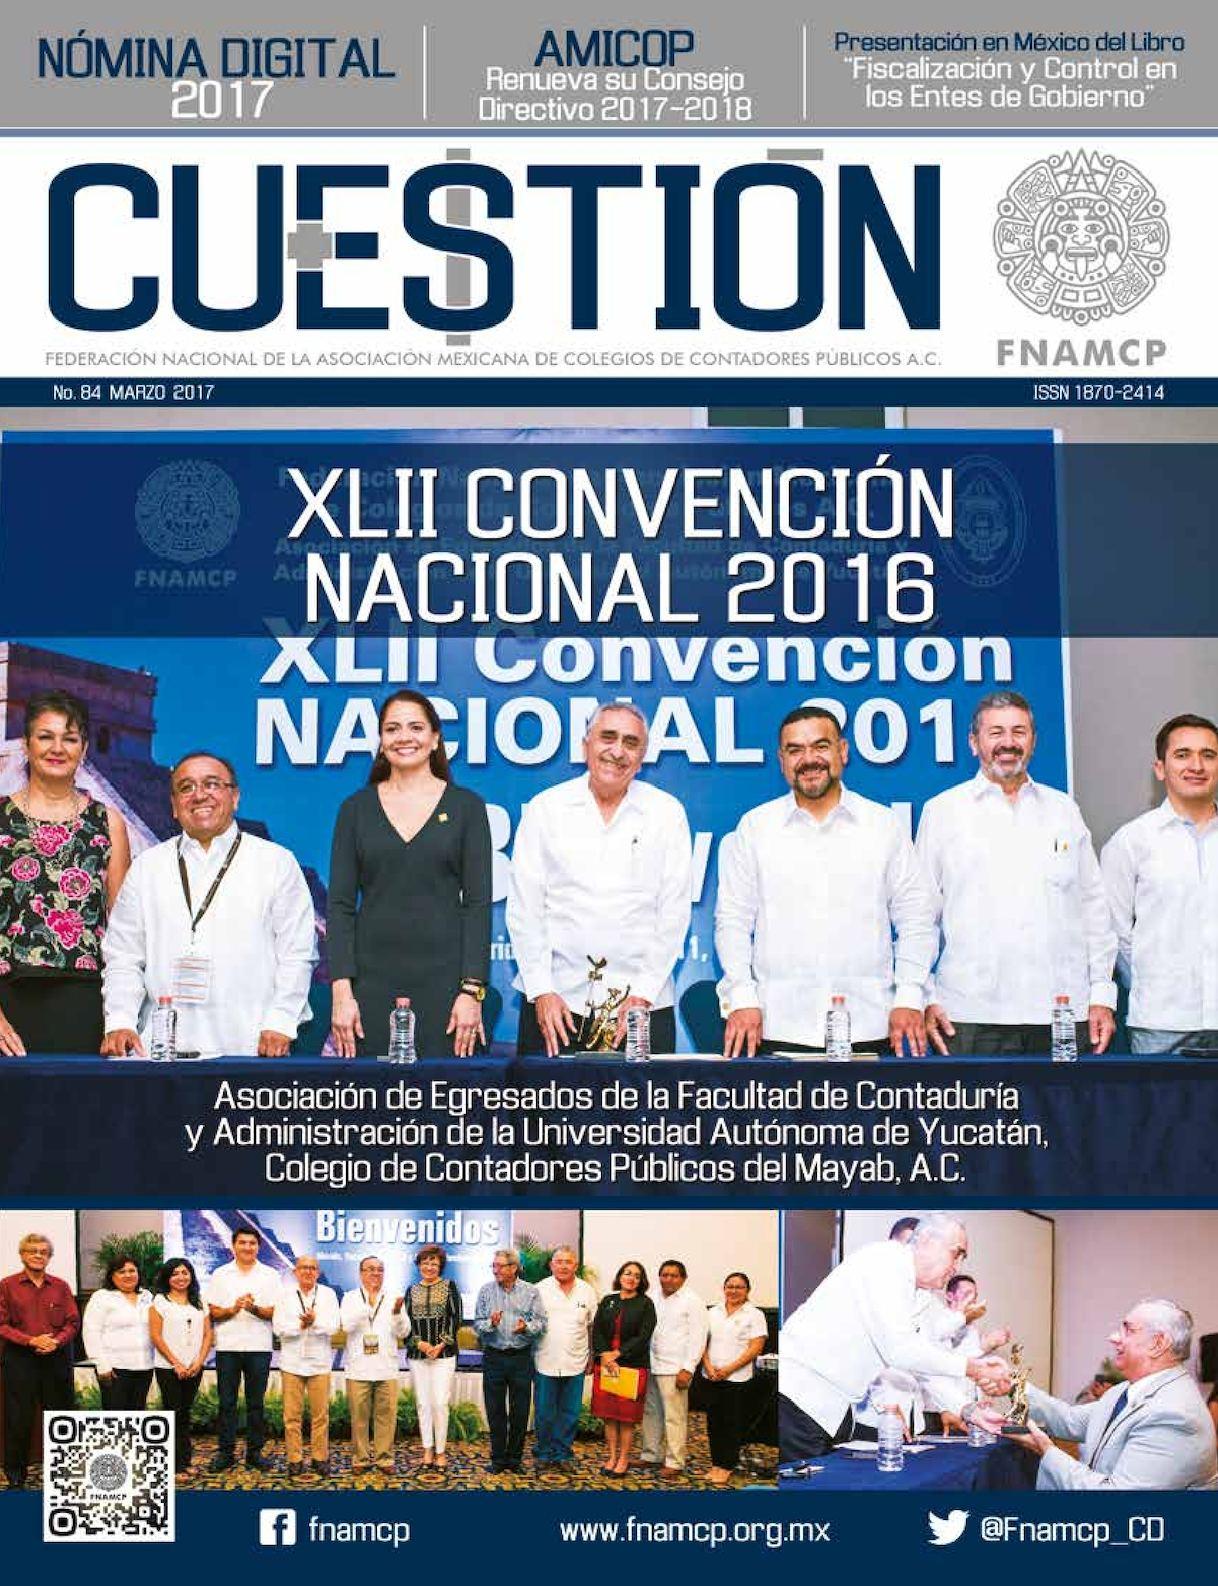 Revista CUESTIÓN No. 84